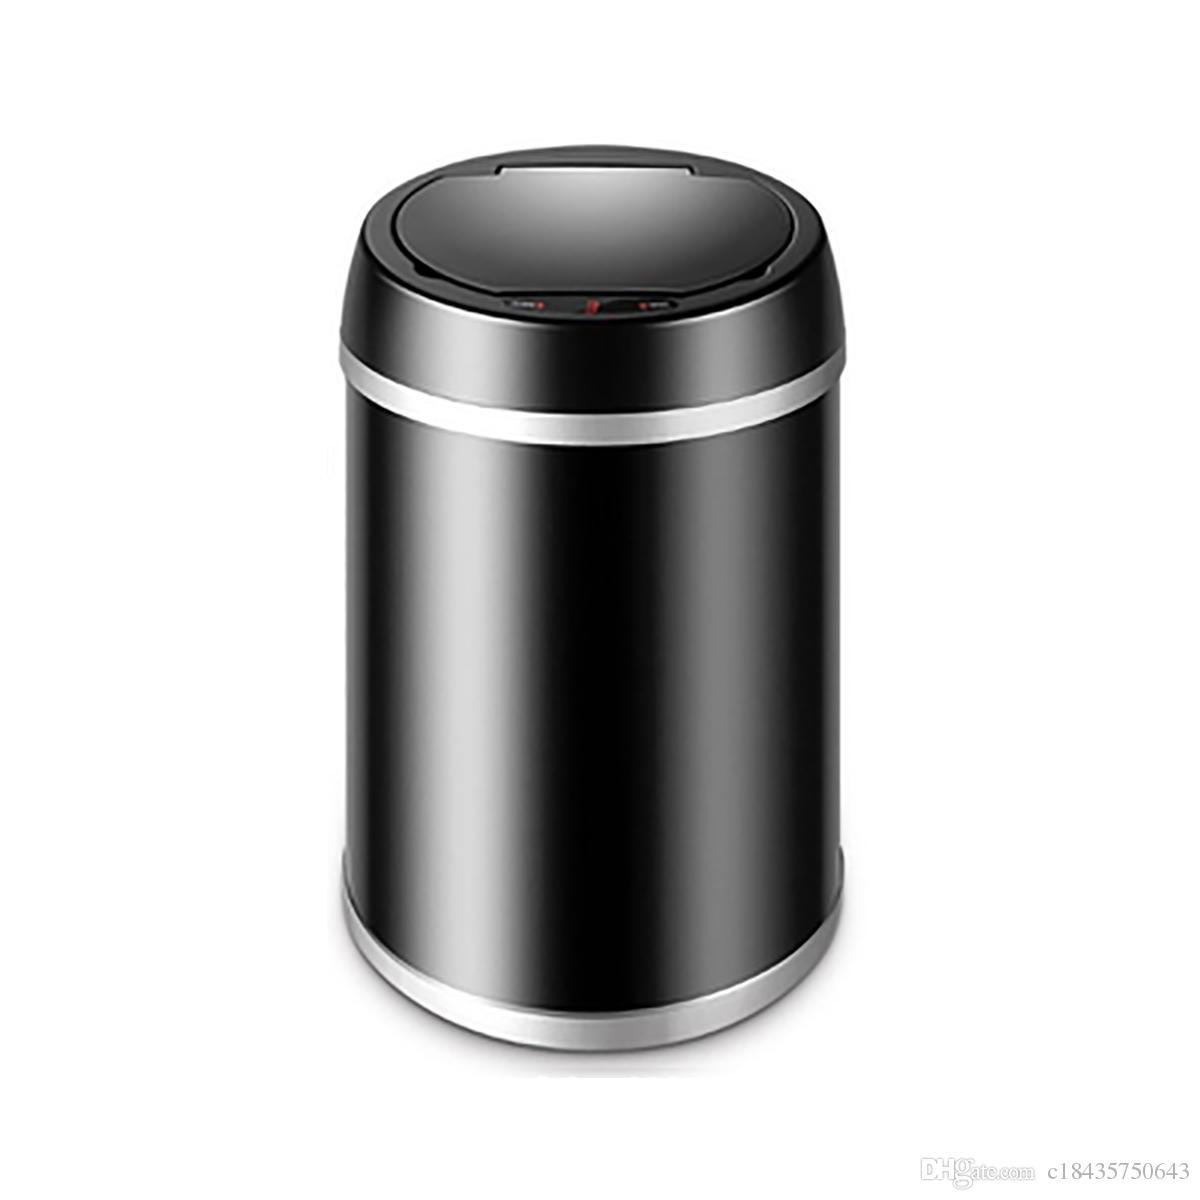 Box Per Bidoni Spazzatura acquista bidone della spazzatura intelligente senza sensore bidoni della  spazzatura automatica con cilindro interno senza coperchio del circolatore  a